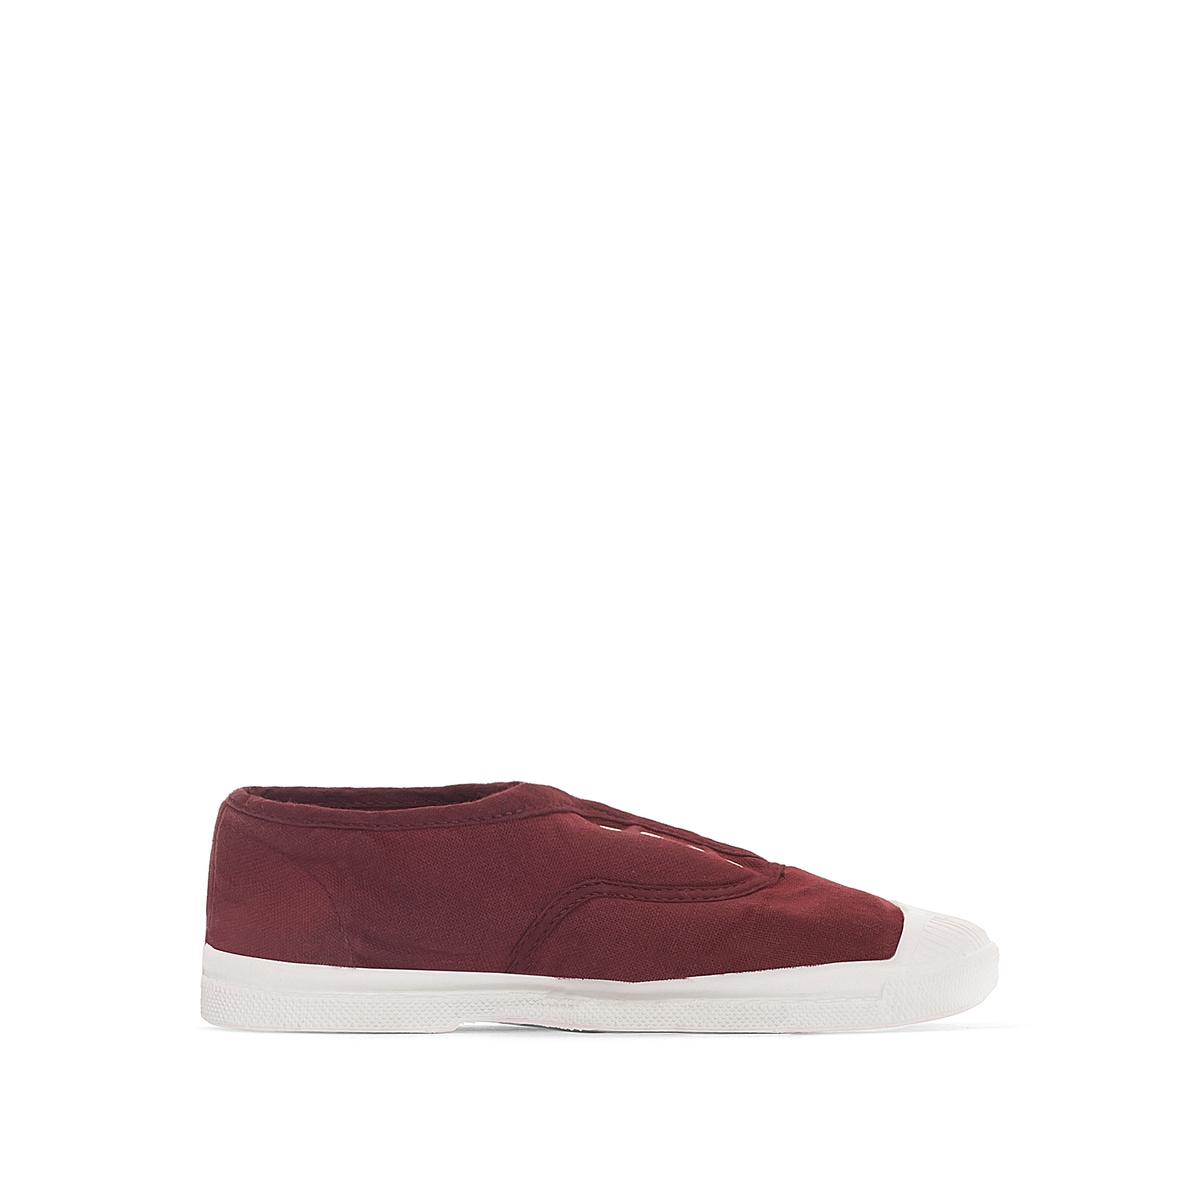 Кеды базового гардероба на шнуровке